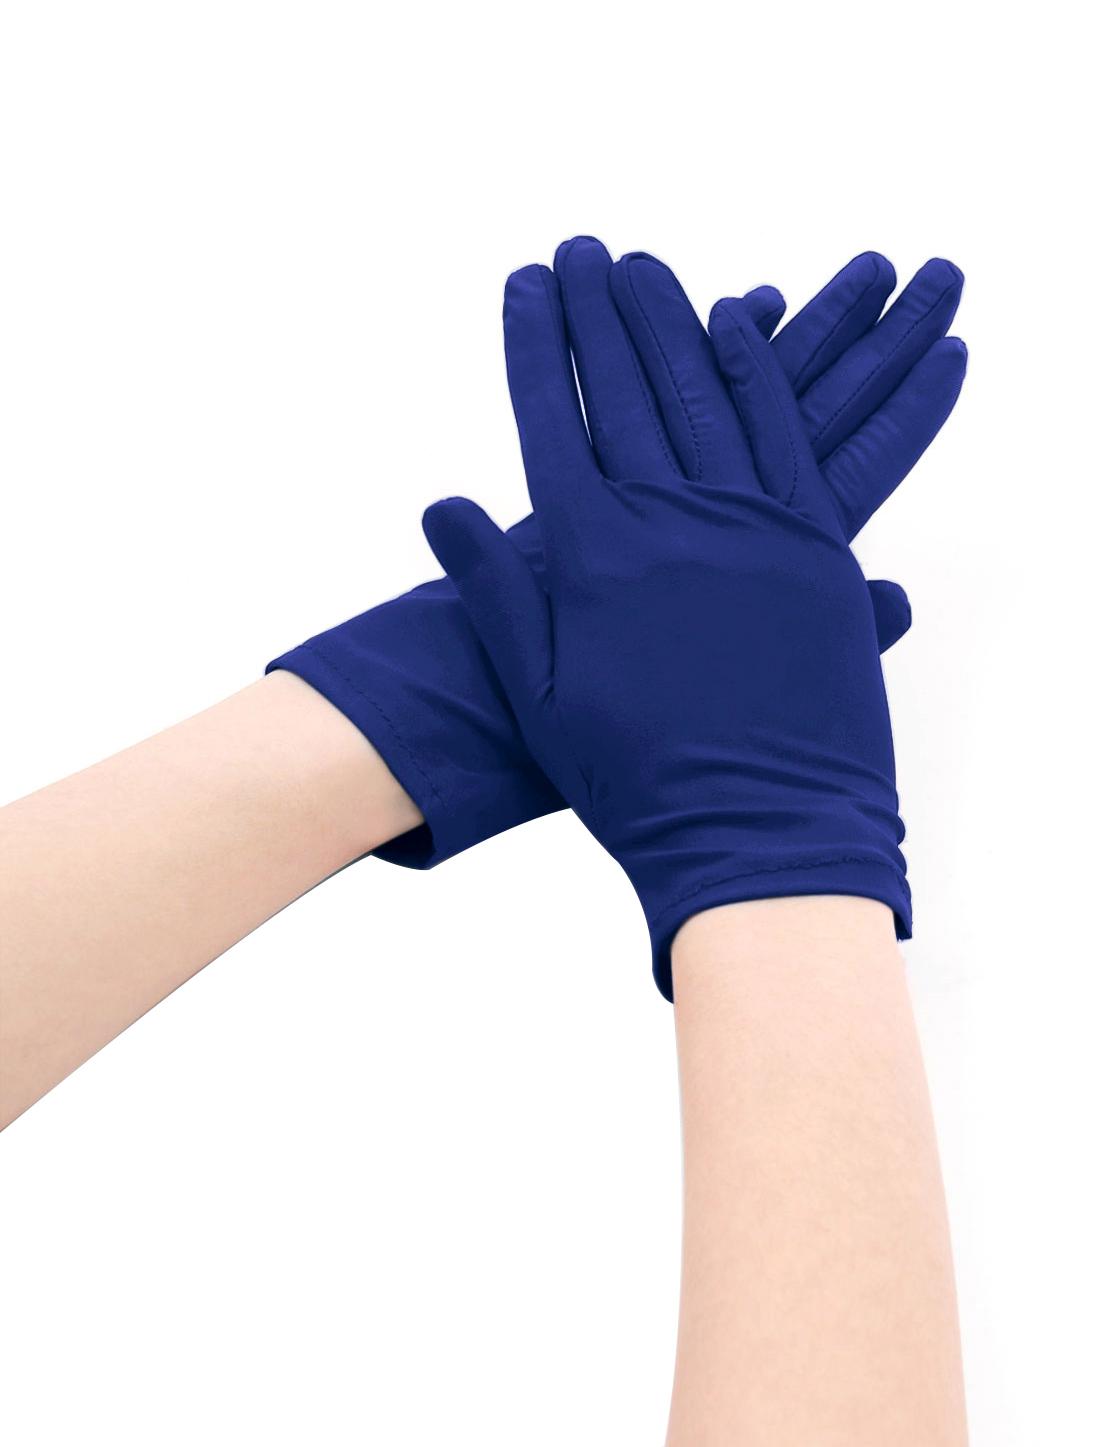 Women Wrist Length Matte Stretchy Full Finger Gloves 5 Pairs Blue